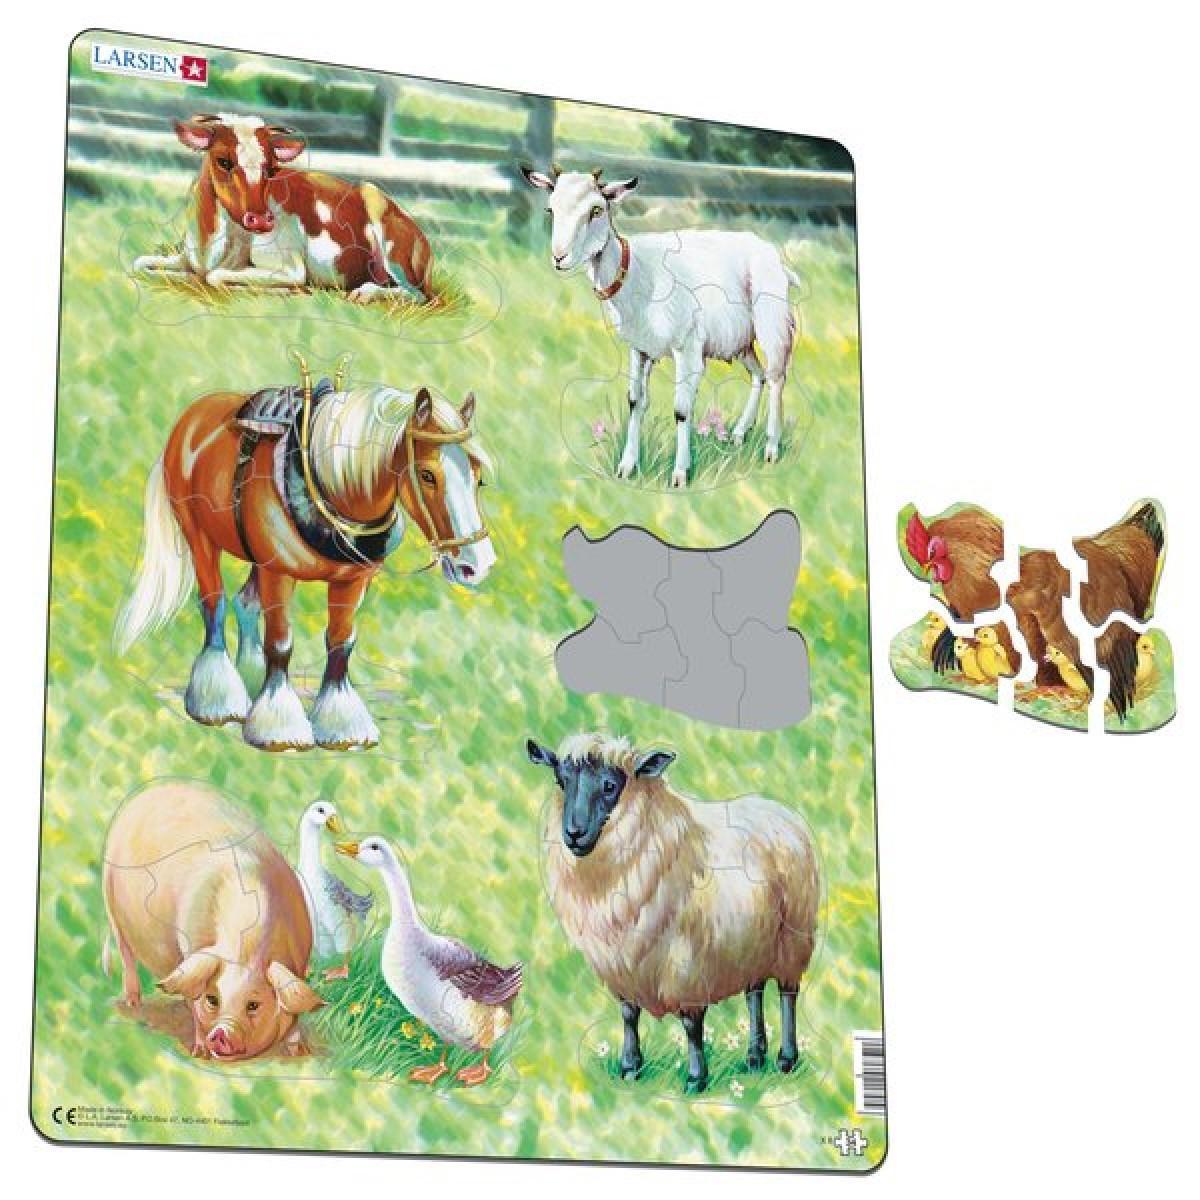 Купить Пазл Larsen Домашние животные , 34 элемента, Норвегия